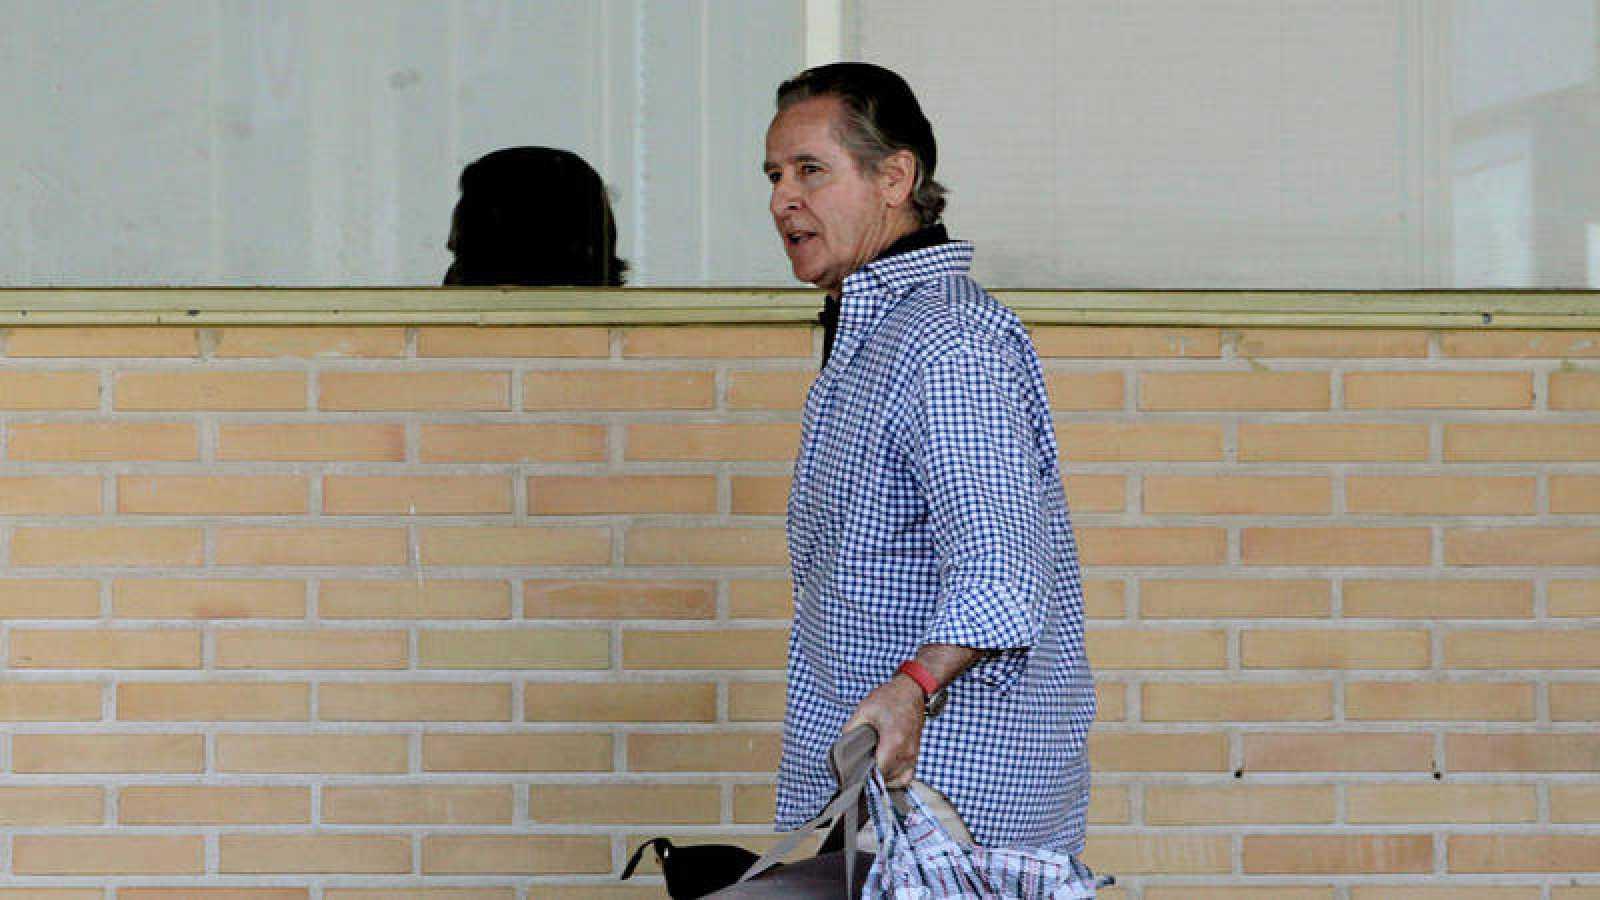 El expresidente de Caja Madrid Miguel Blesa, a su salida de la prisión madrileña de Soto del Real en junio de 2013